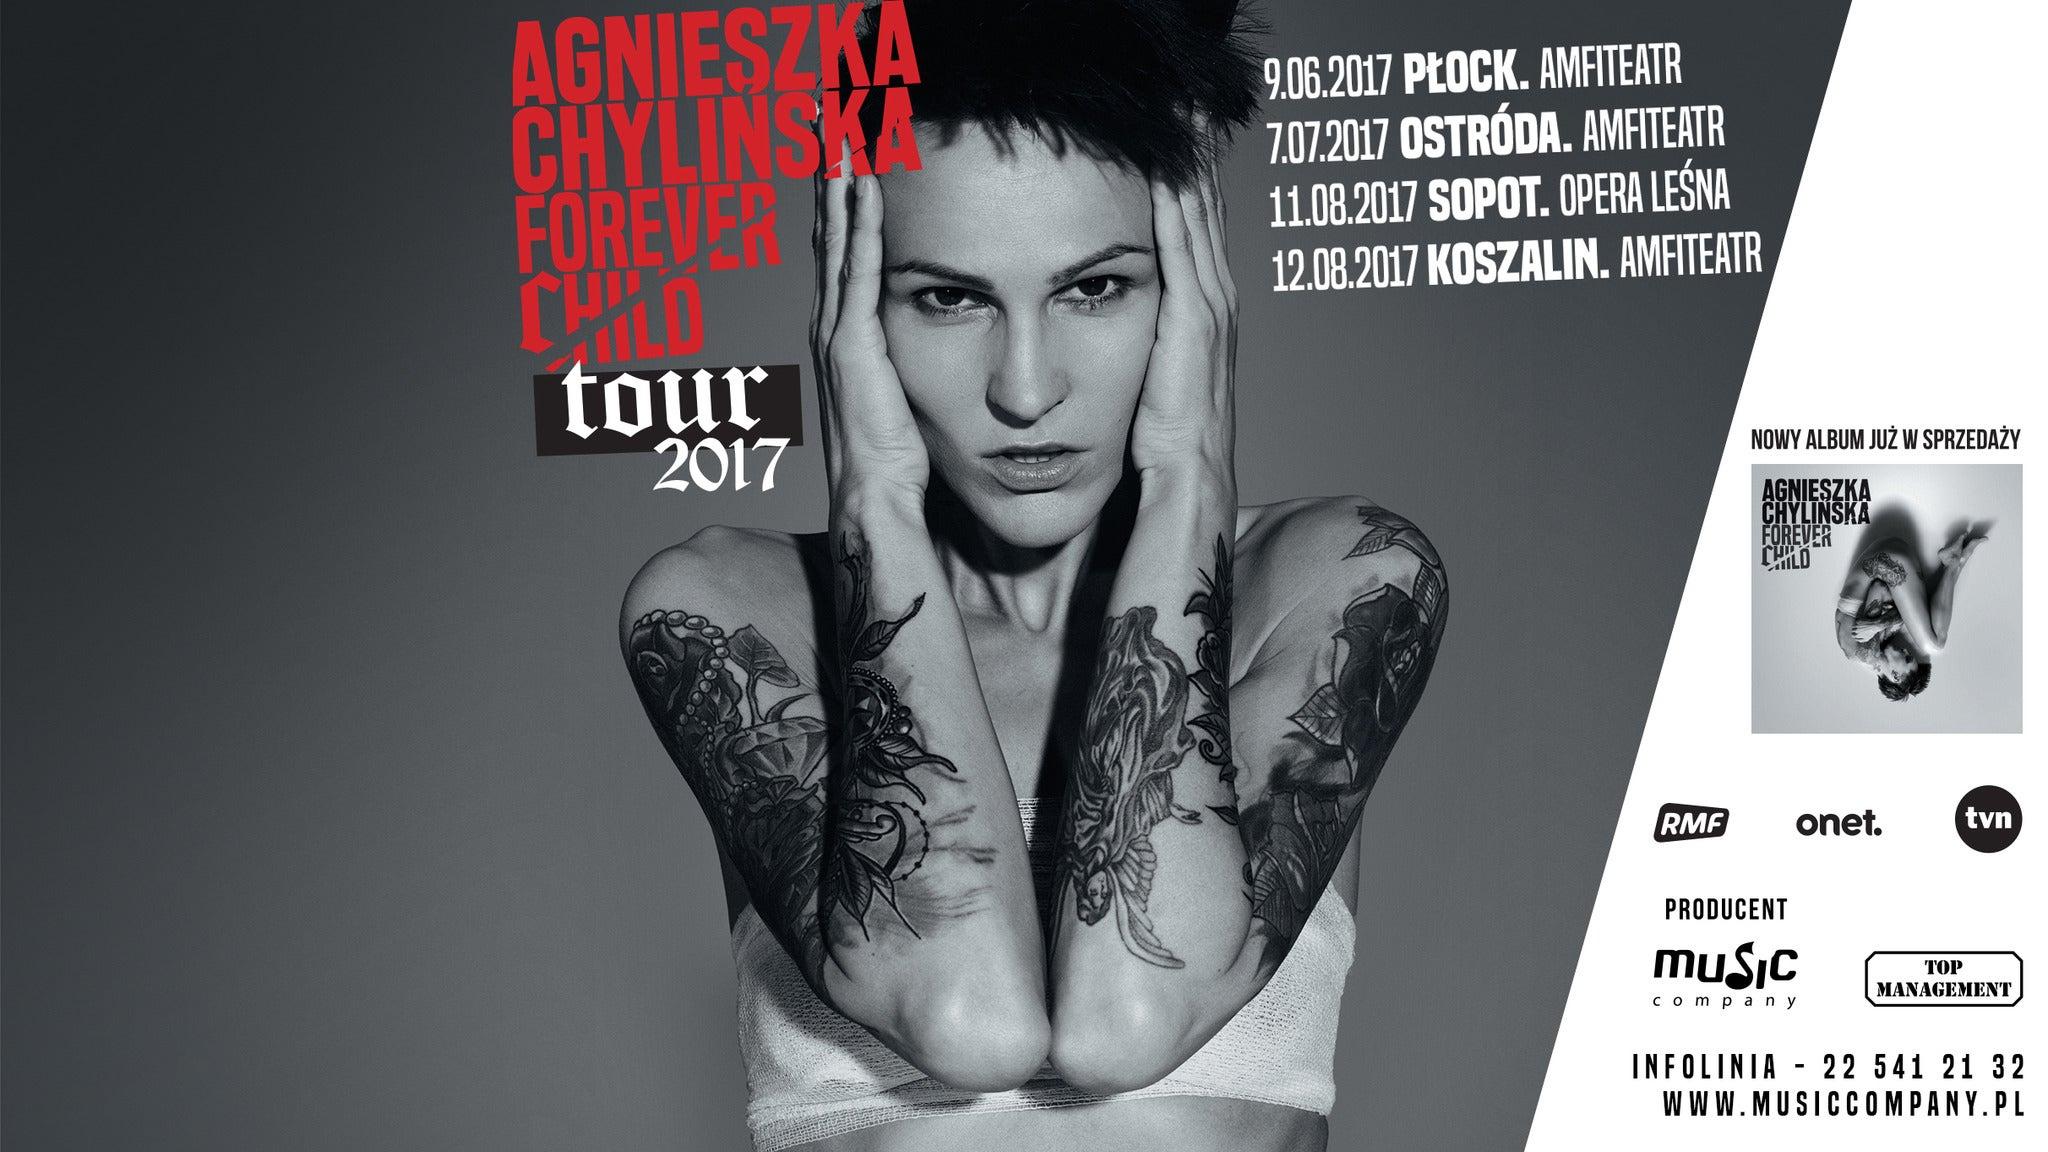 Agnieszka Chylińska – Forever Child Tour